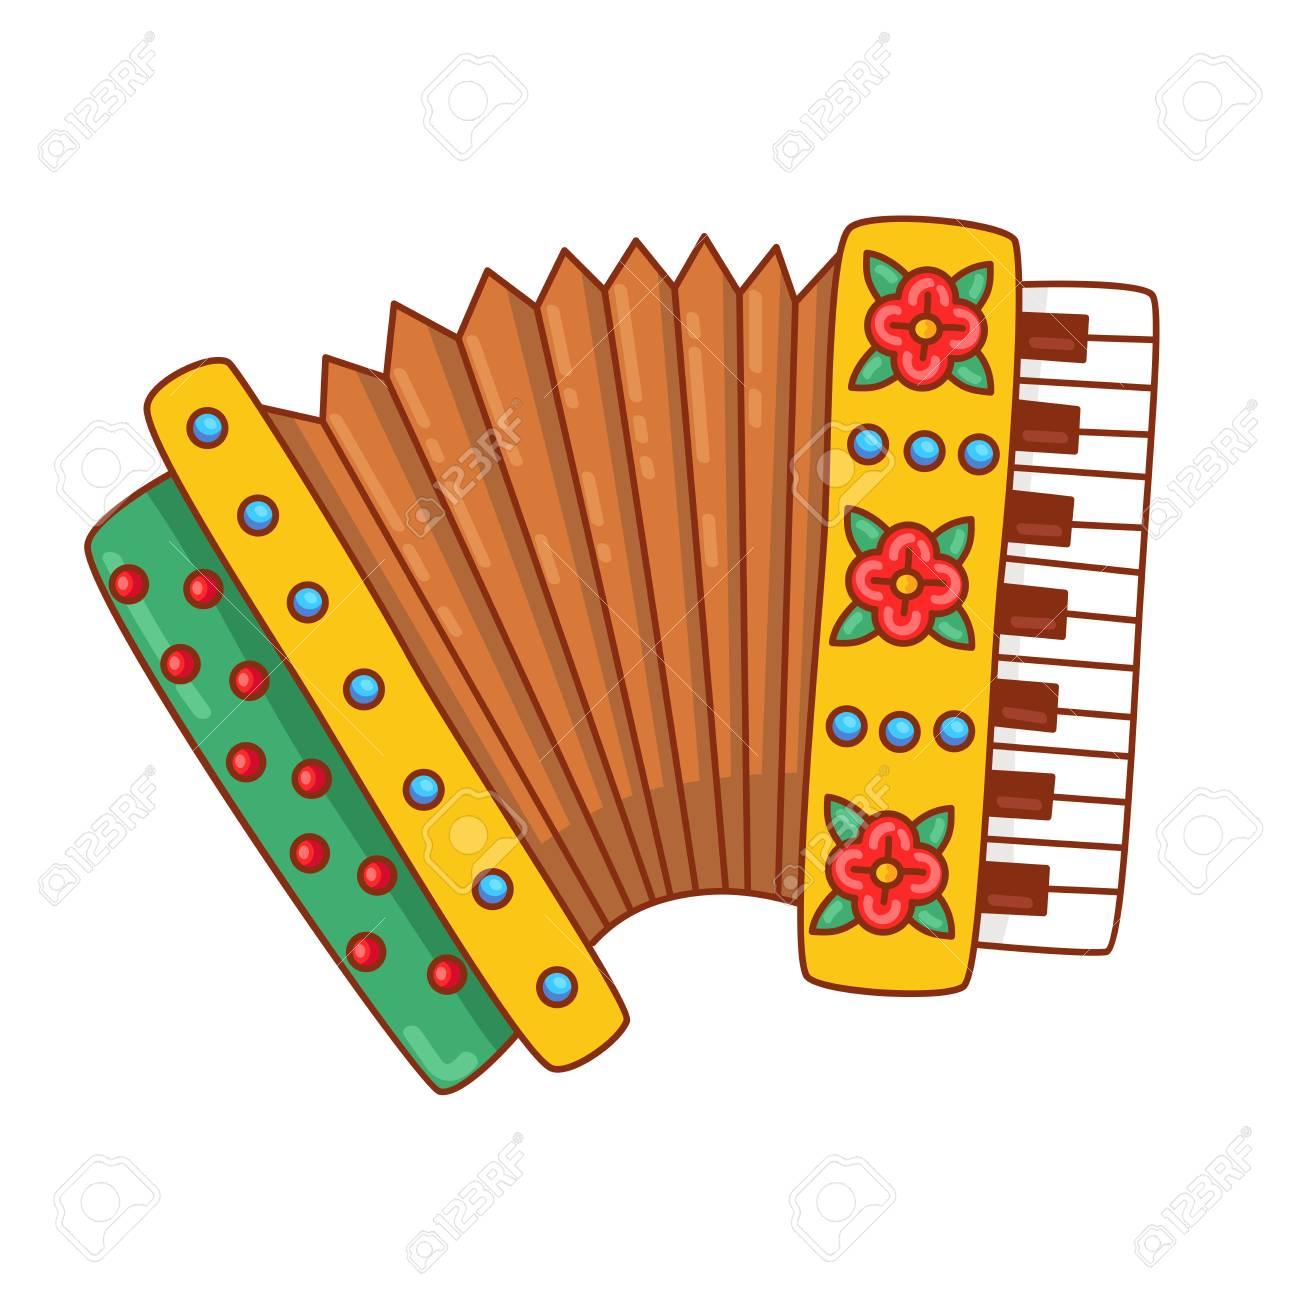 Accordéon Instrument Doodle Russe Instrument De Musique Dessin Animé Coloré Illustration Vectorielle